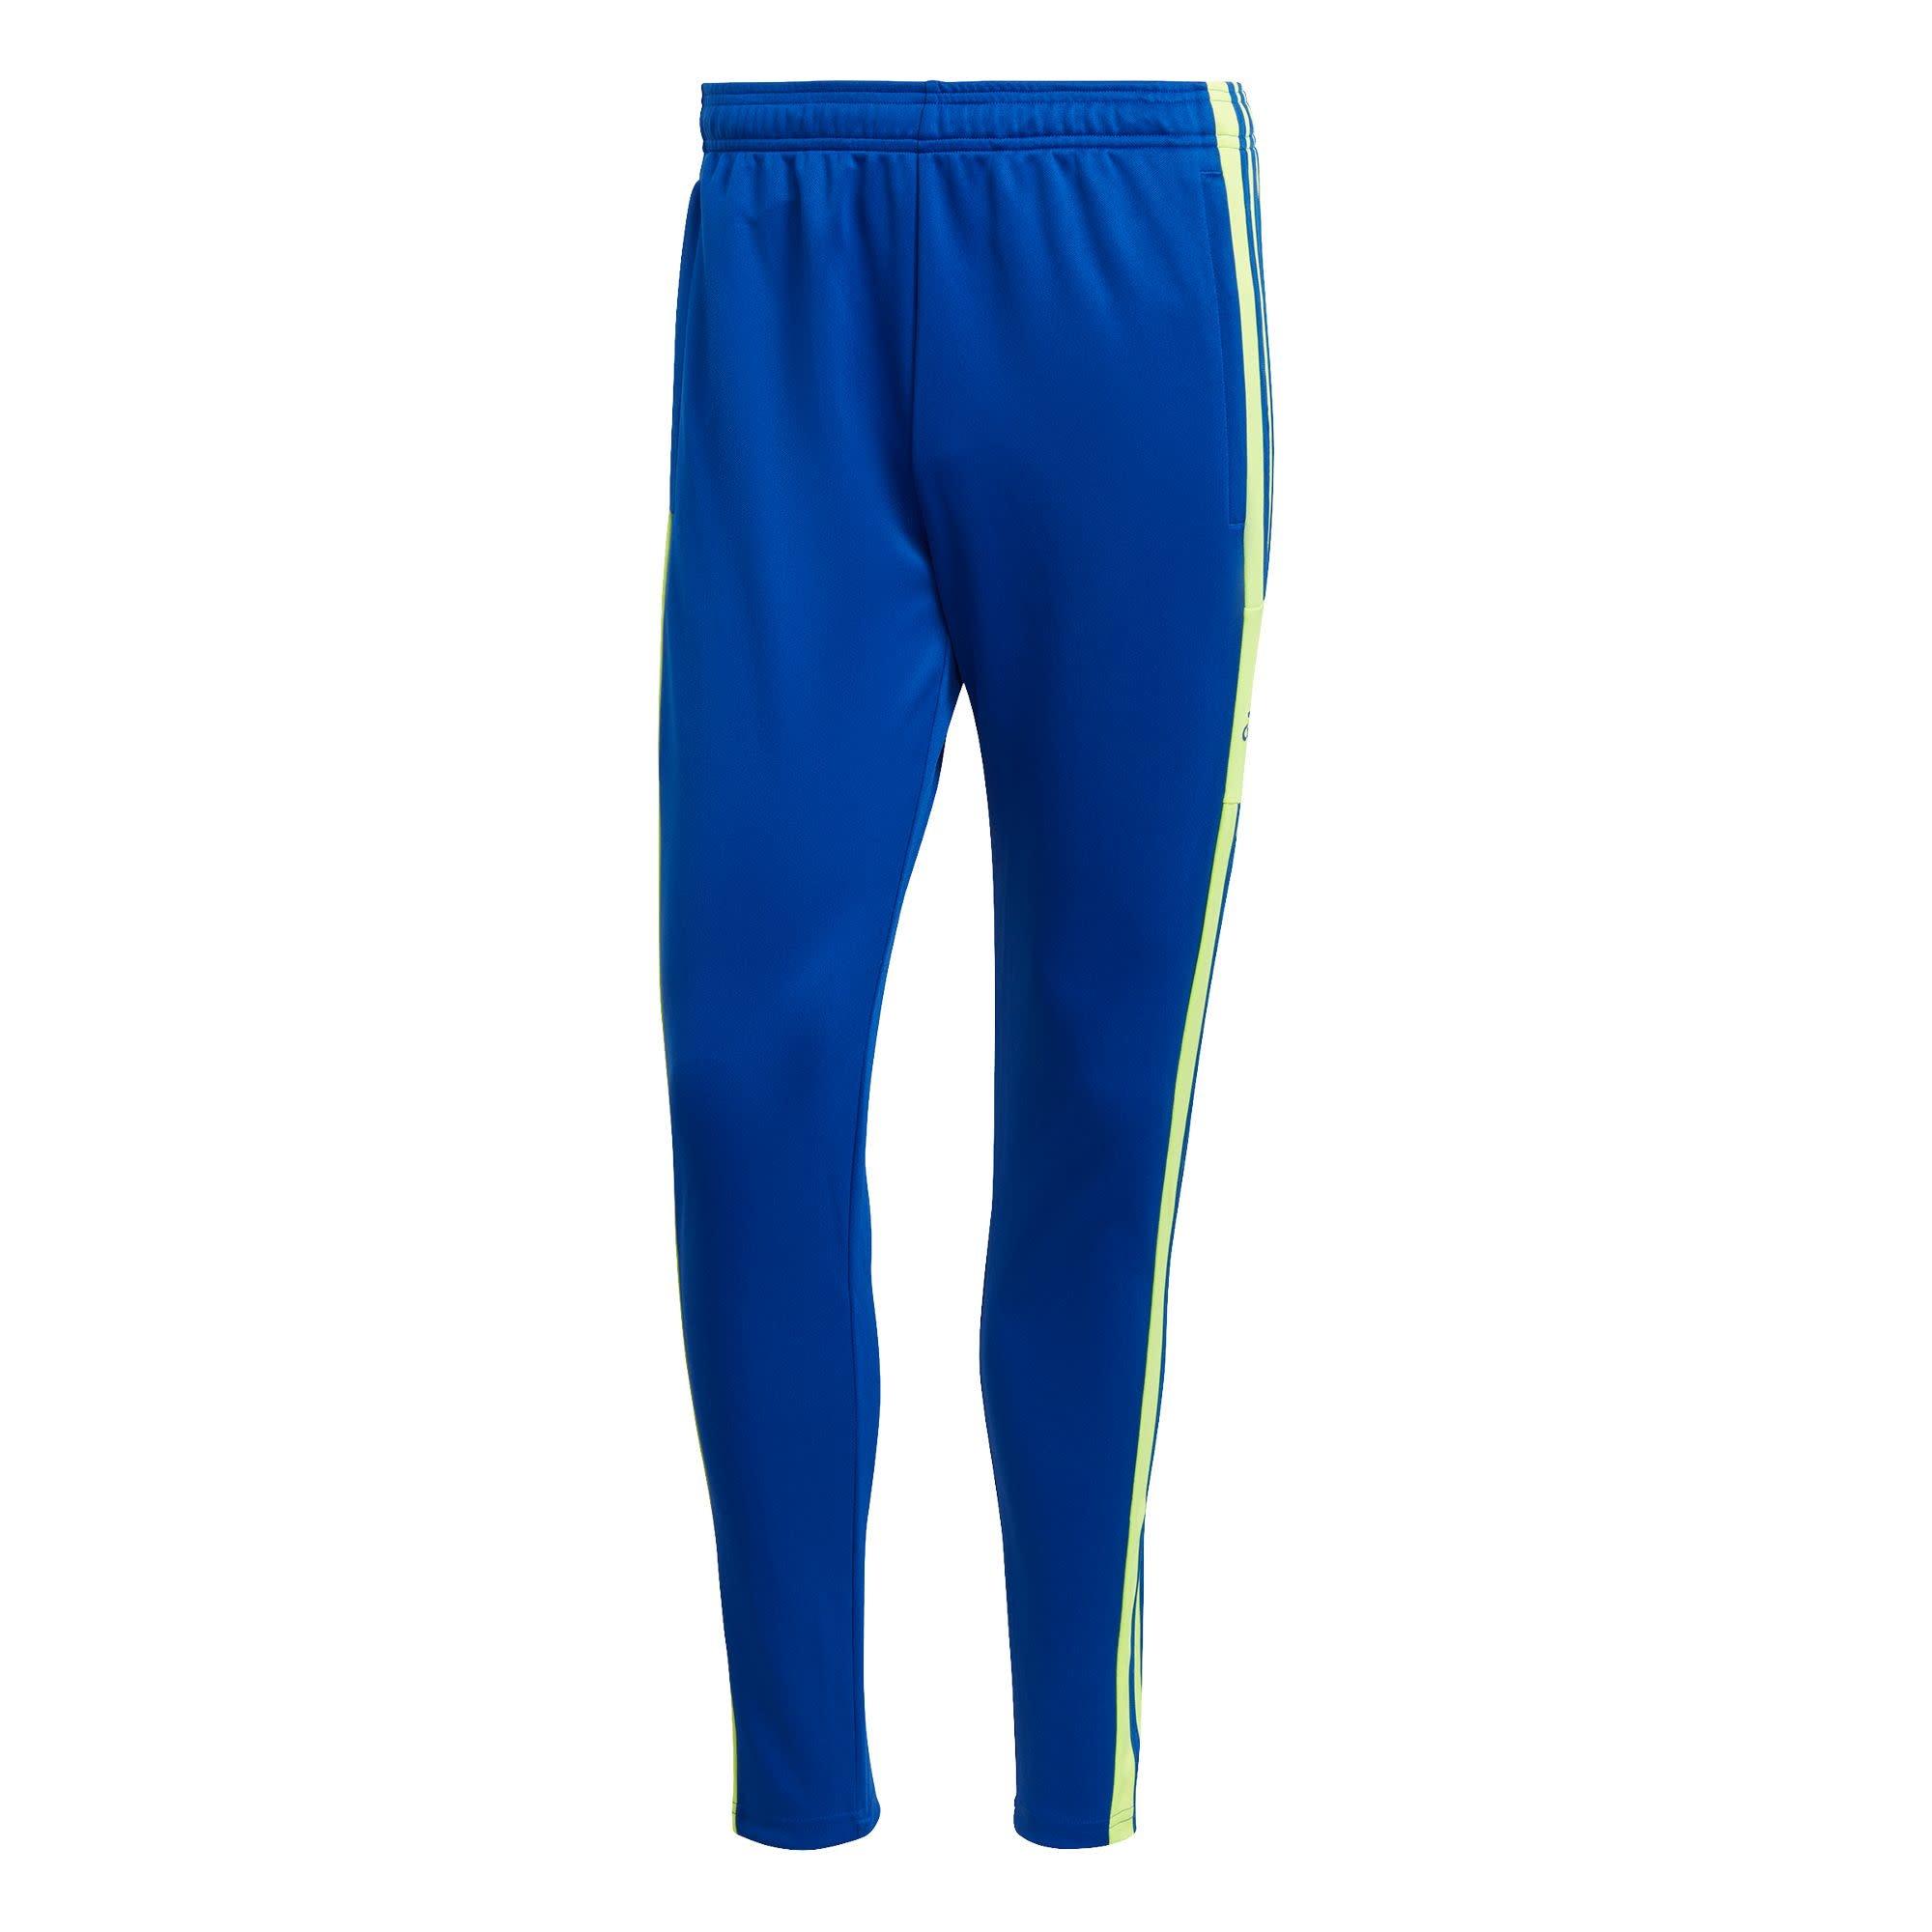 Adidas Squadra Training Pant